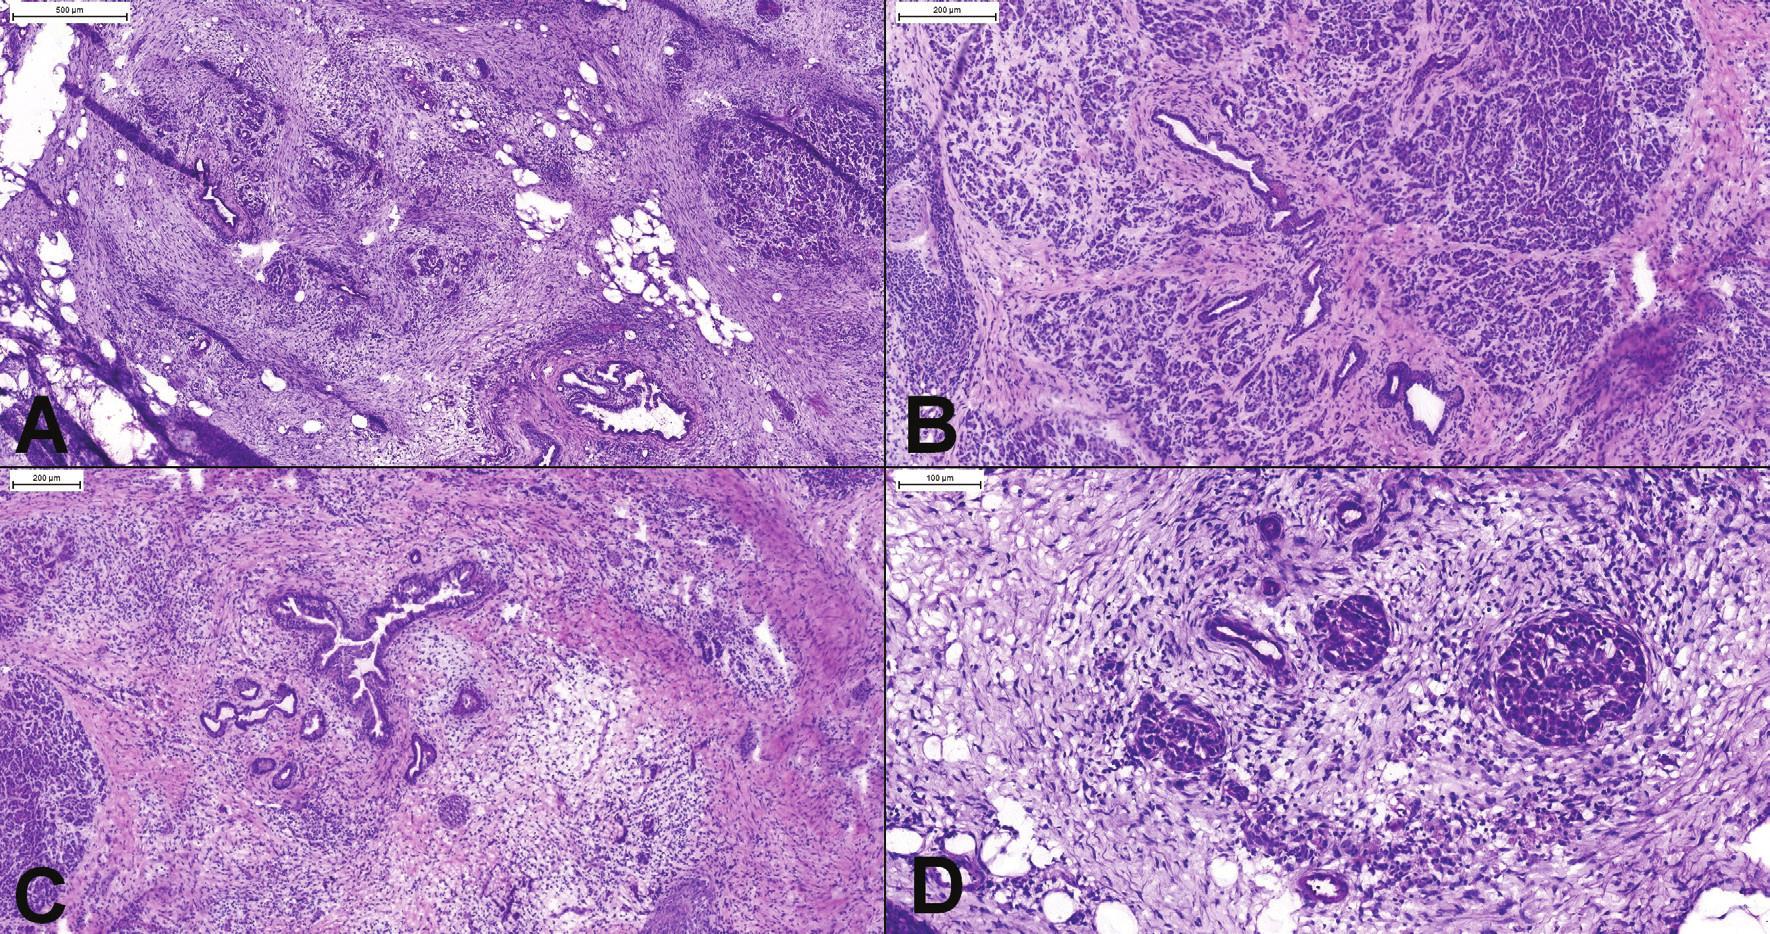 (A) Chronická pankreatitída. Aj v oblastiach ťažkej atrofie (vľavo hore) je stále viditeľné organoidné lobulárne usporiadanie. (B) Oblasť s miernou až stredne výzaznou atrofiou a fibrózou. Je prítomná proliferácia duktov, ktoré sú však lokalizované v centre pankreatického acinu. (C) Ťažká atrofia (acinárne štruktúry úplne chýbajú) s proliferáciou duktov s hyperplastickým epitelom. Lobulárne usporiadanie je známkou pankreatitídy, nejedná sa o karcinóm. (D) Psudohyperplastické Langerhansove ostrovčeky a proliferujúce dukty s reaktívnymi atypiami môžu imitovať karcinóm v dezmoplastickej stróme.